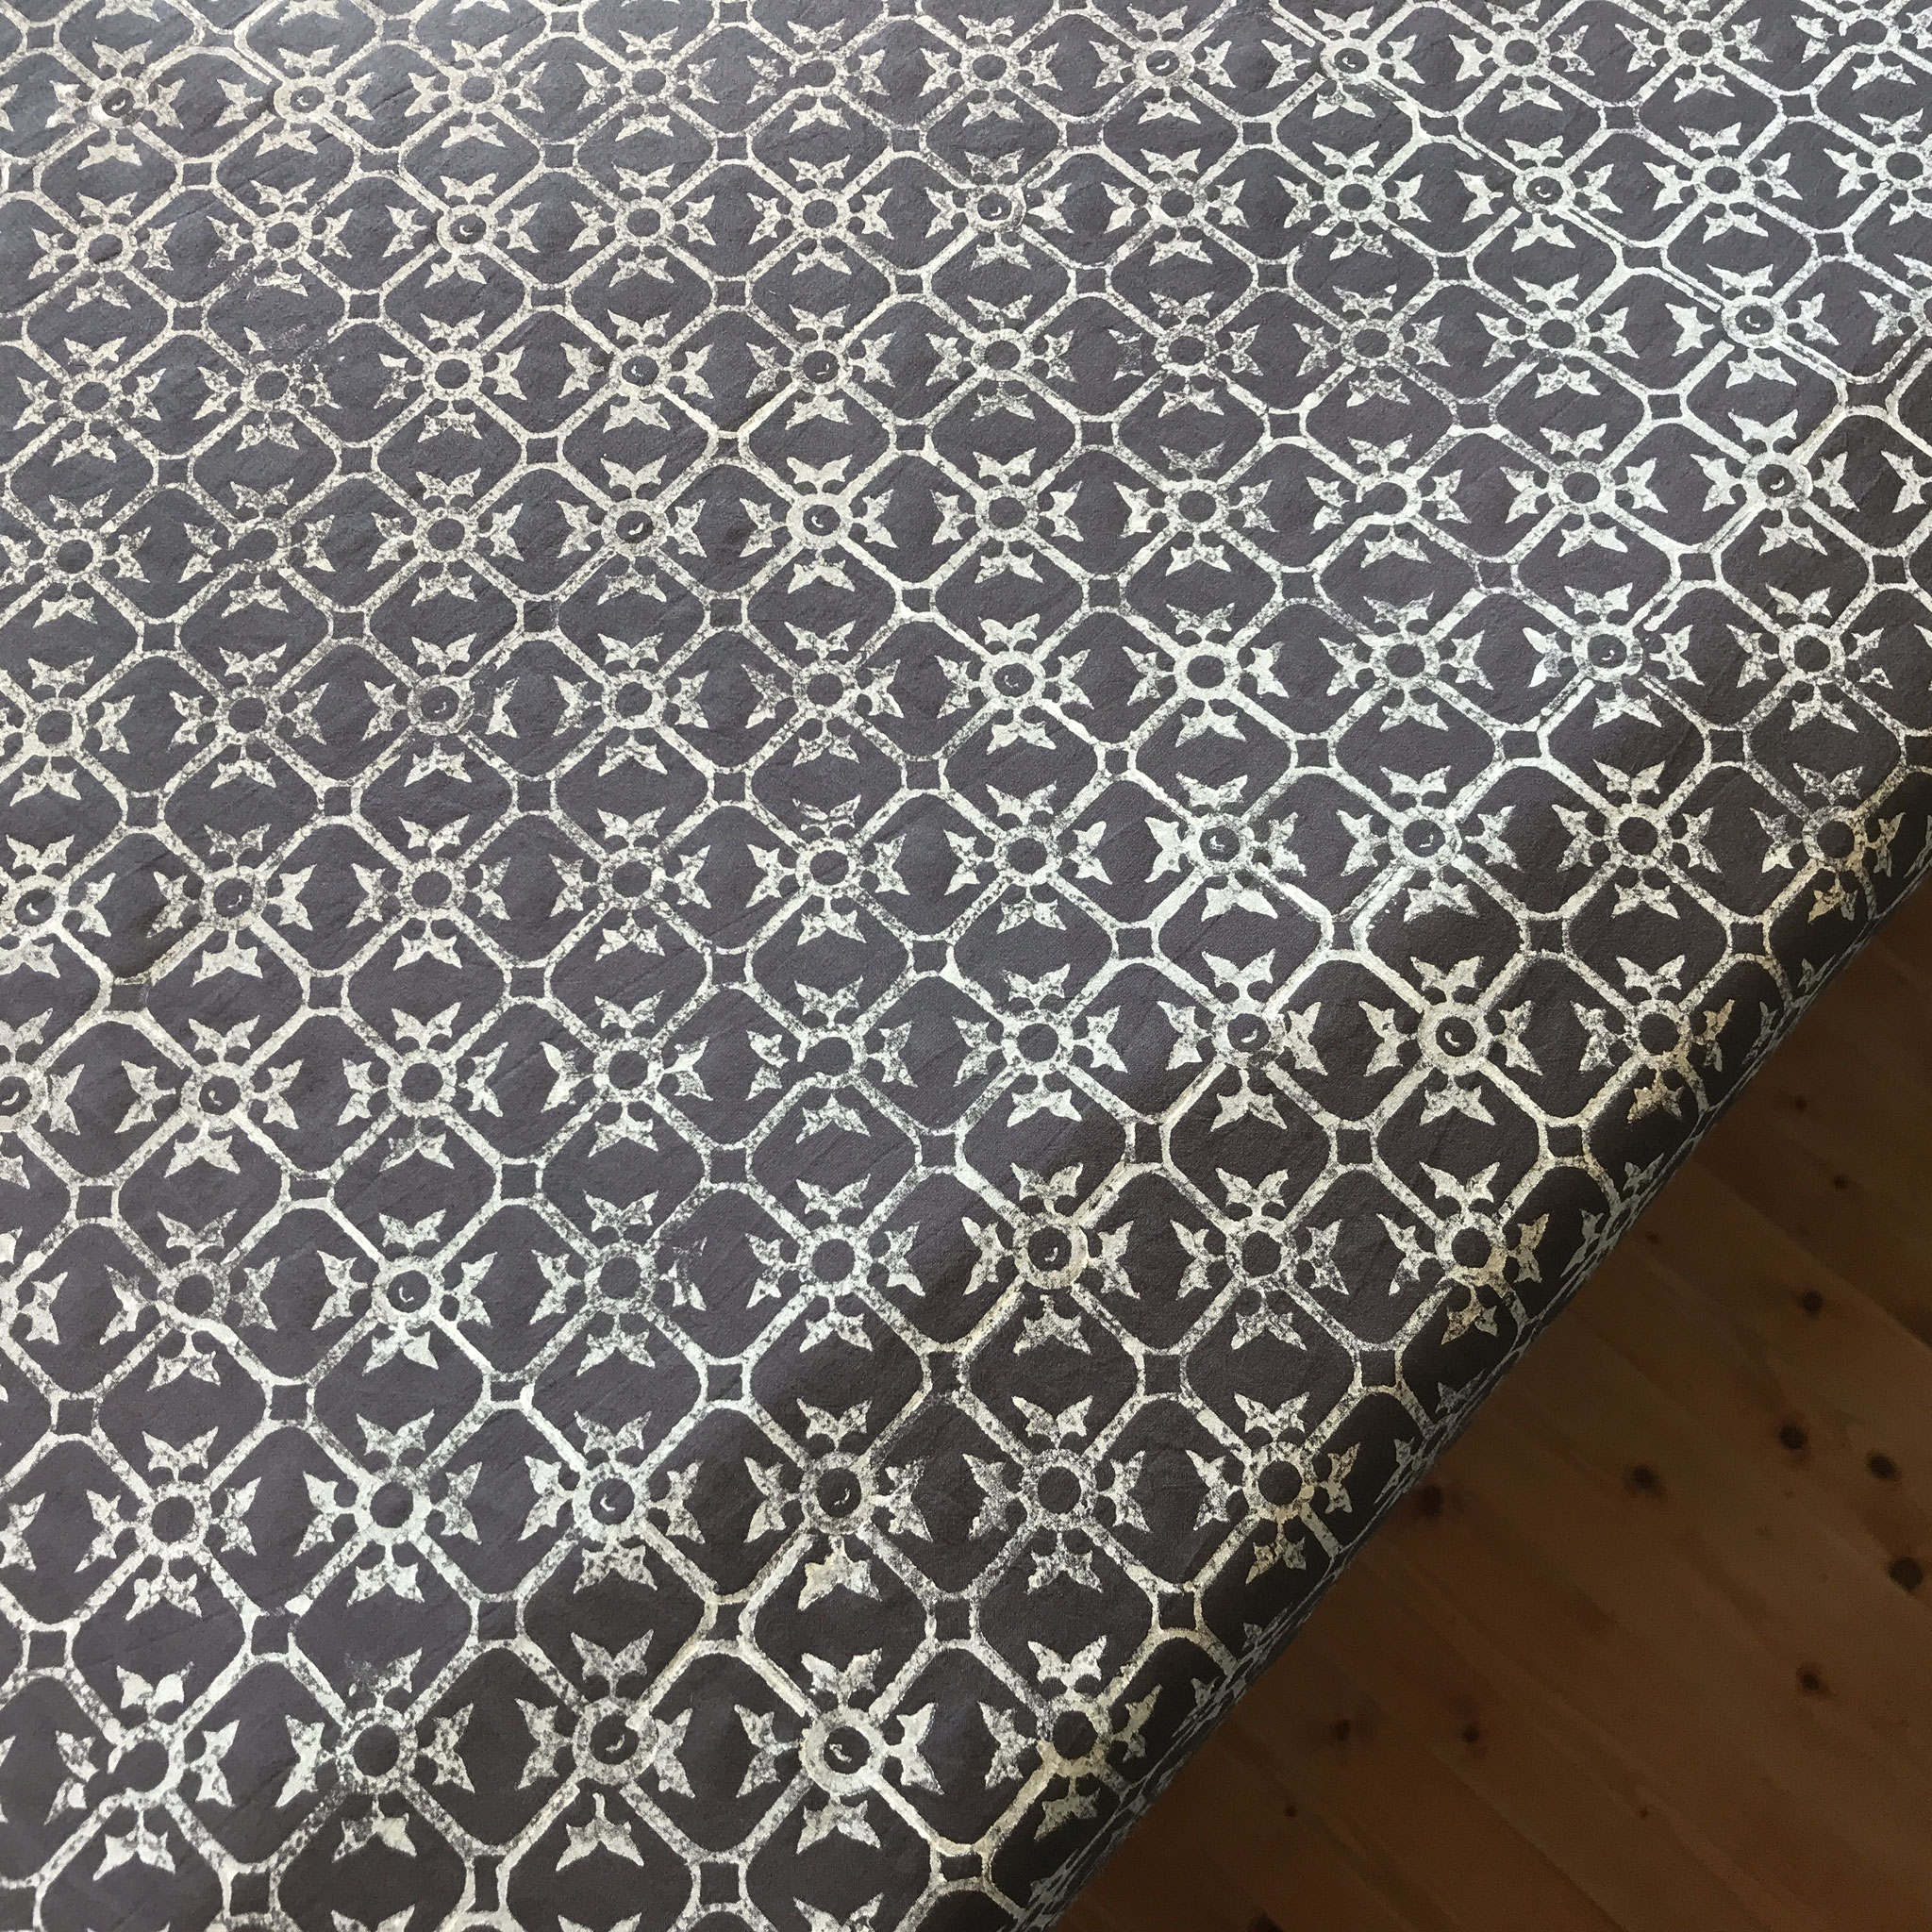 Block Print Druck aus einem Druckkurs im Atelier Wädenswil mit natürlichen Textildruck Farben